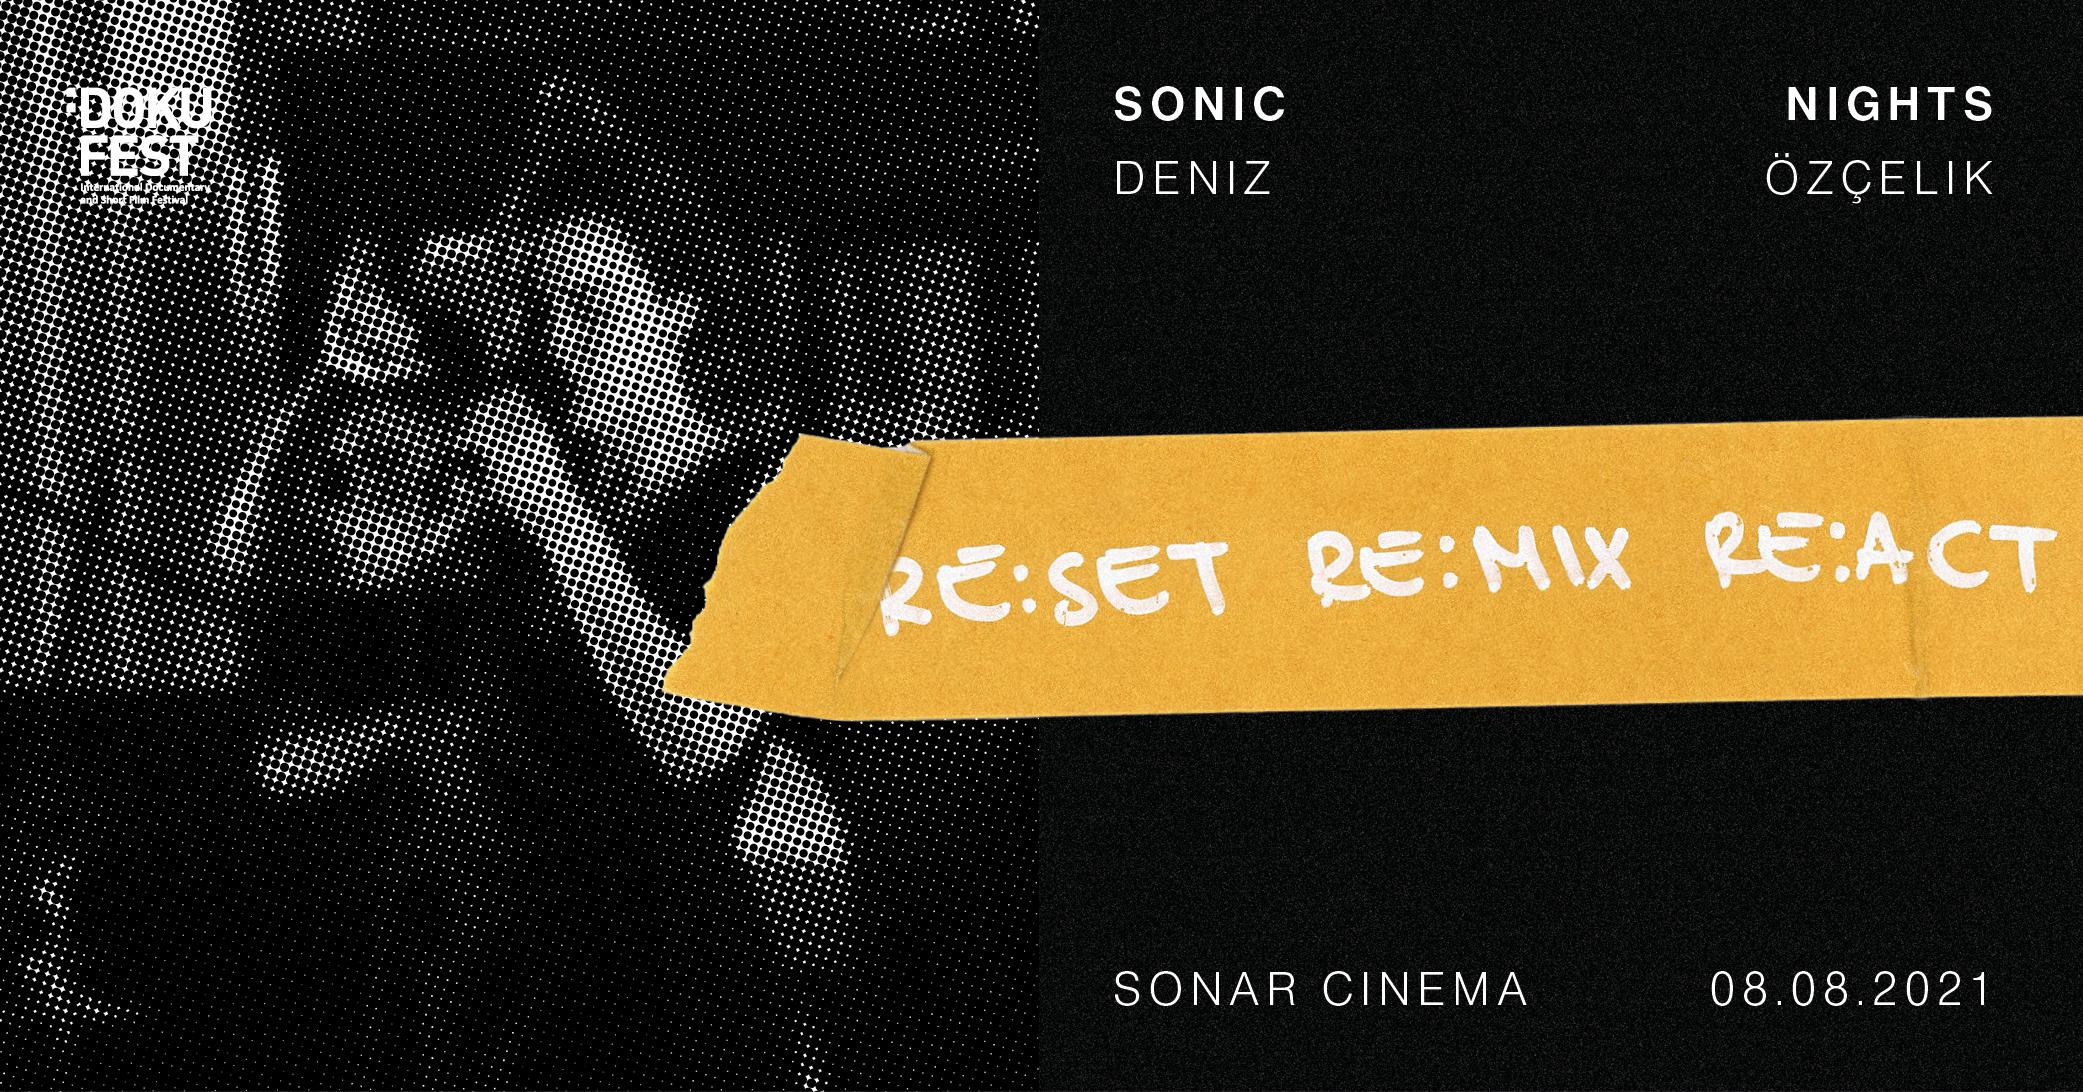 DENIZ ÖZÇELIK PERFORMS @SONIC NIGHTS